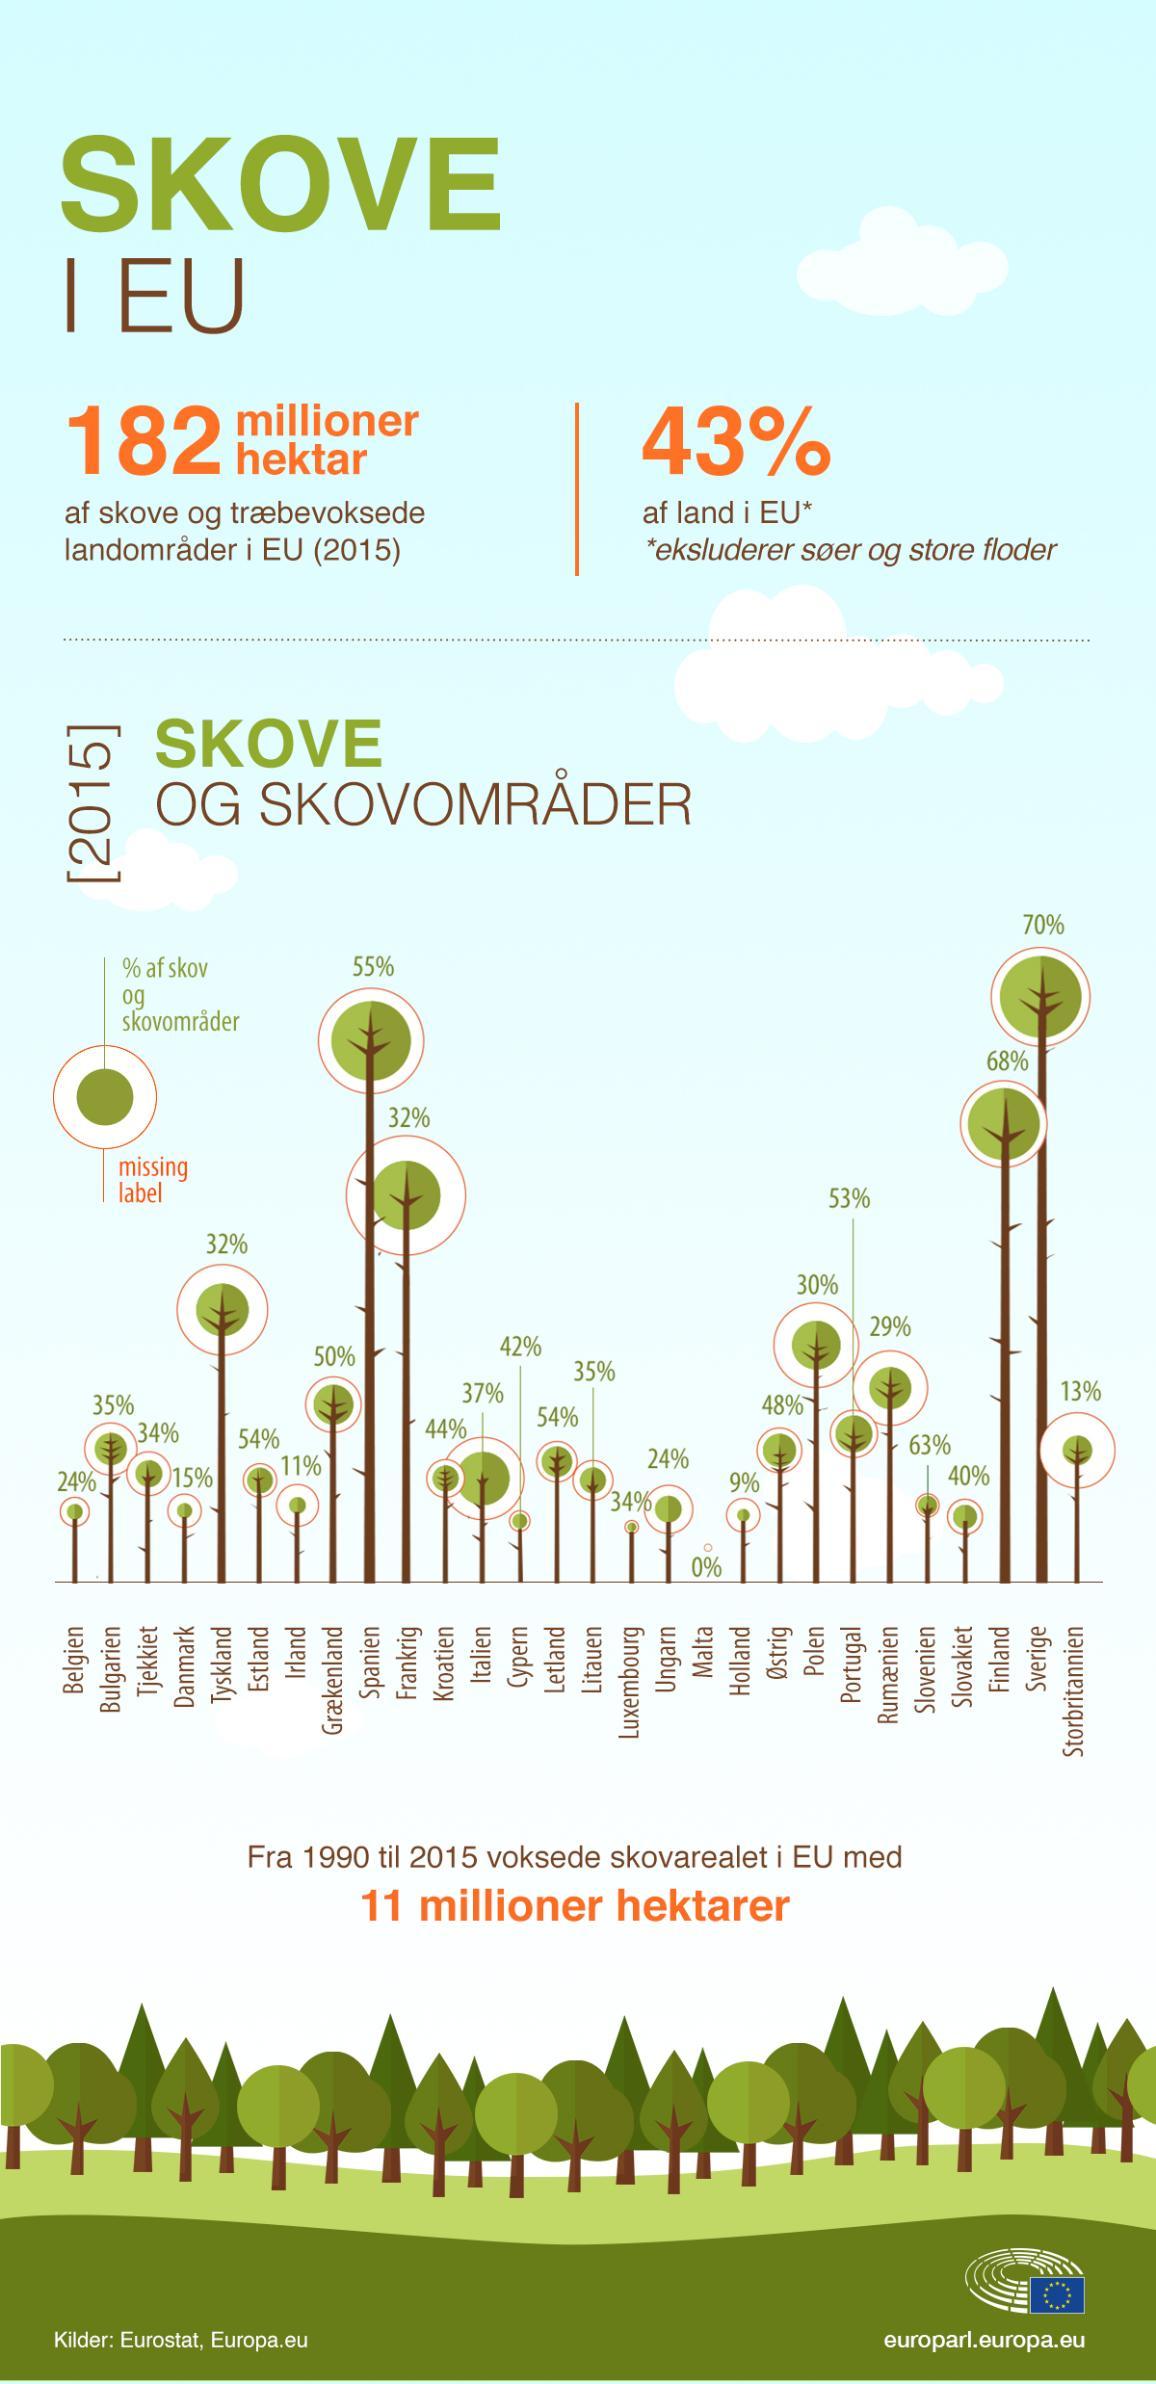 Skove i EU.